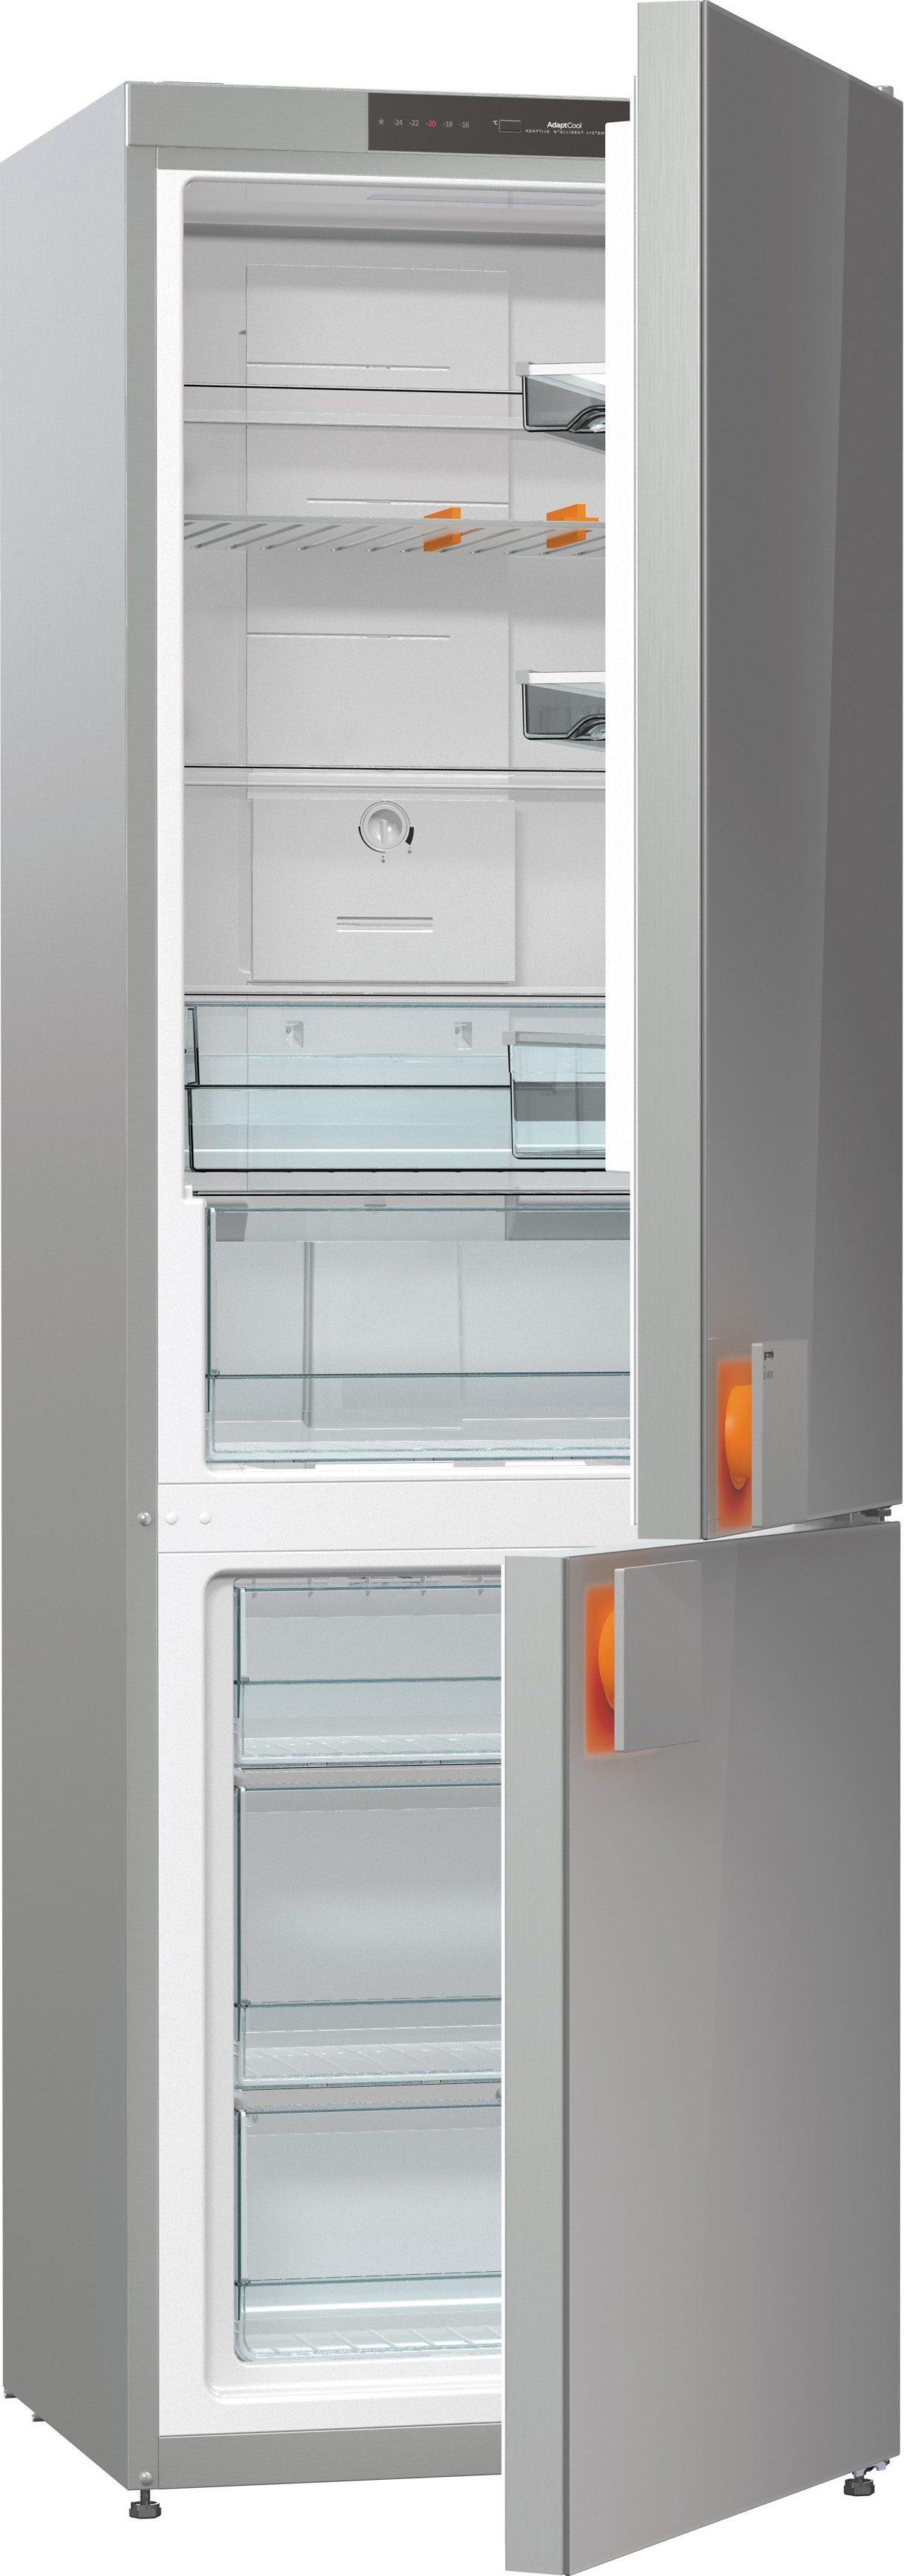 Gorenje by Starck® Kühl-Gefrierkombination NRK612ST, A++, 185 cm Höhe, No Frost